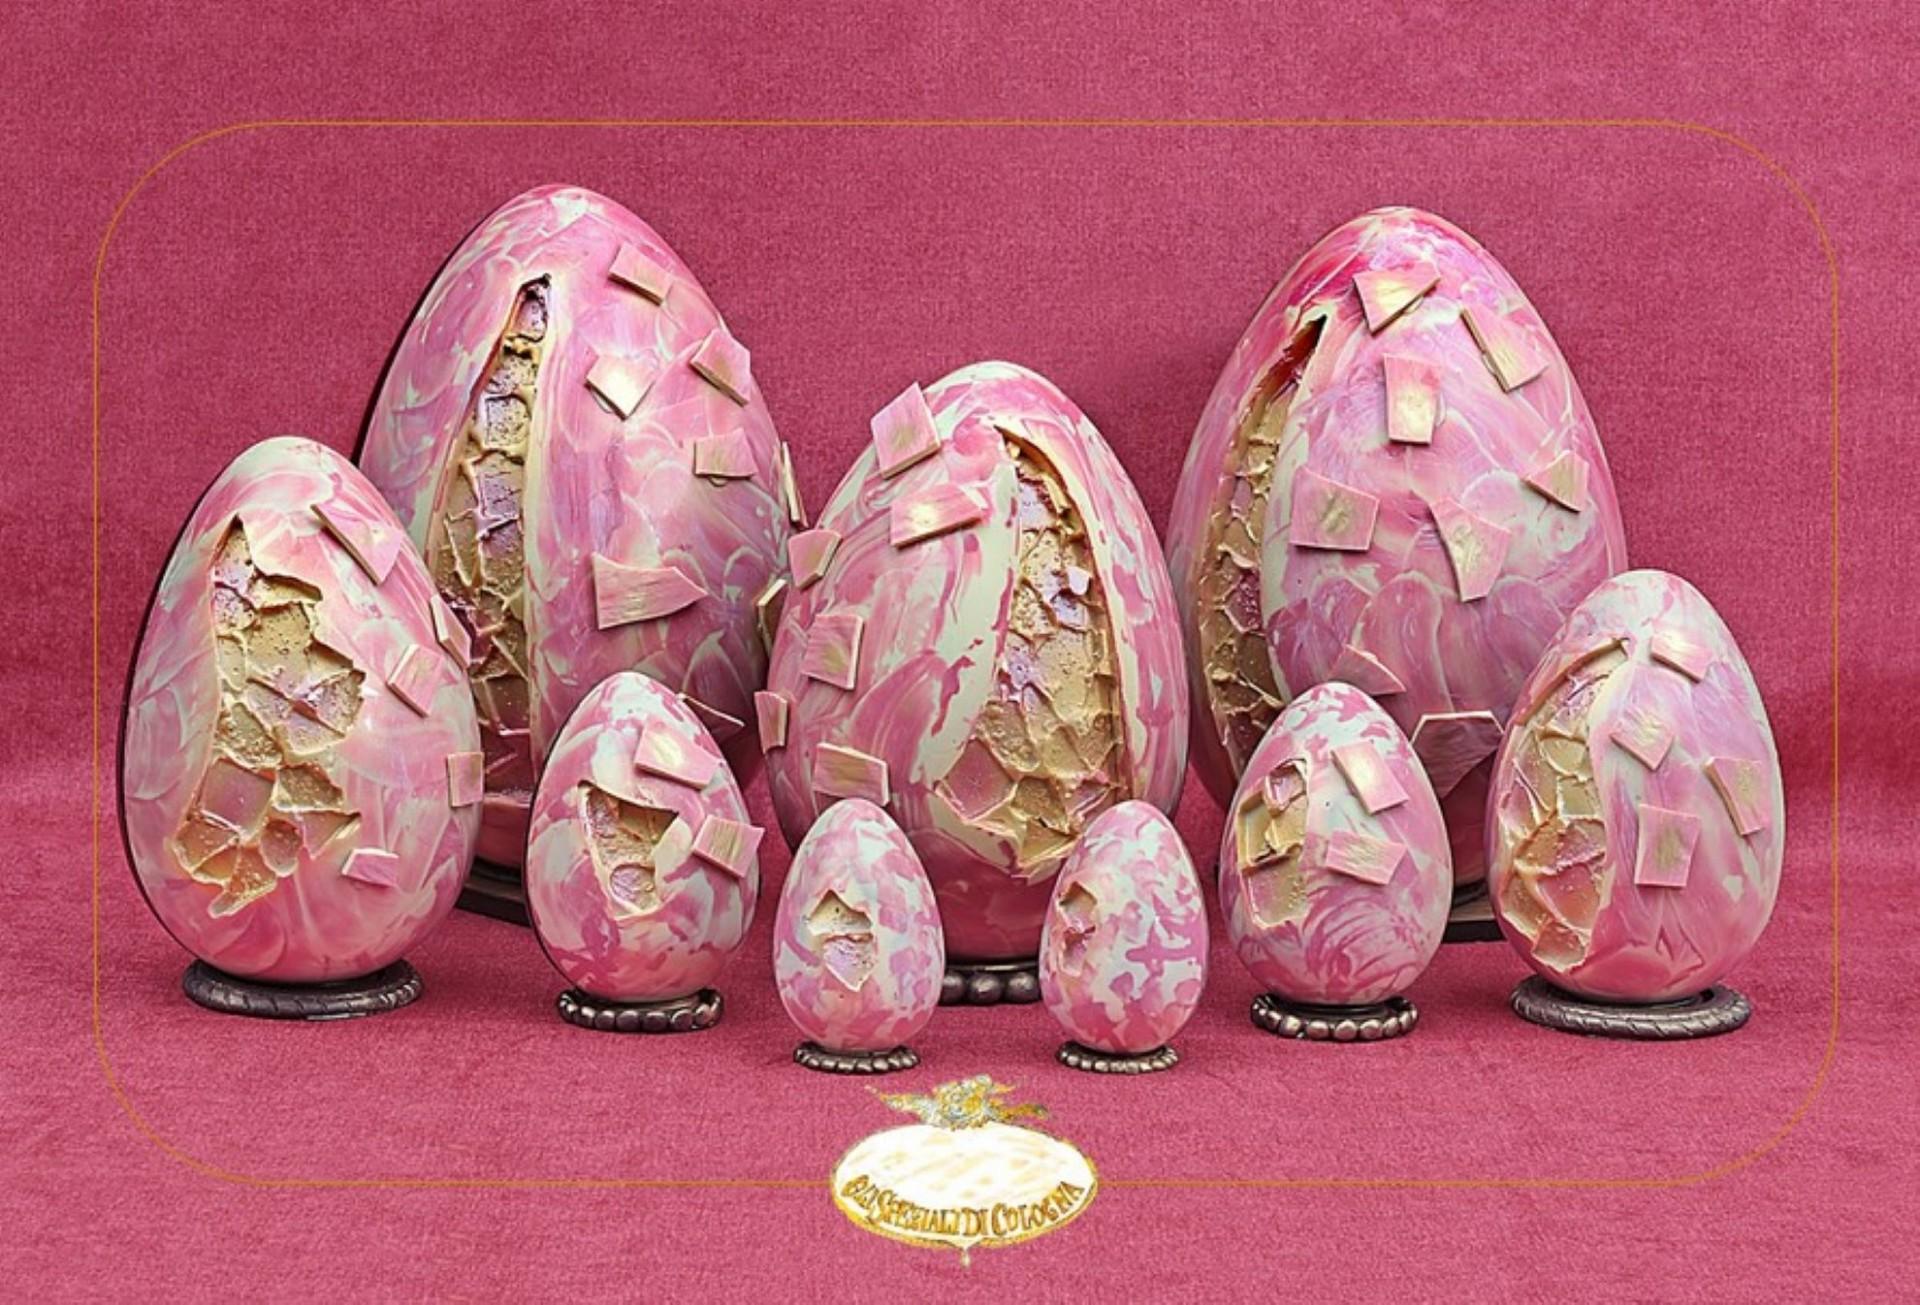 gli-speziali-di-cologna-veneta-uovo-di-cioccolato-paquale-con-sorpresa-bricolage.jpg